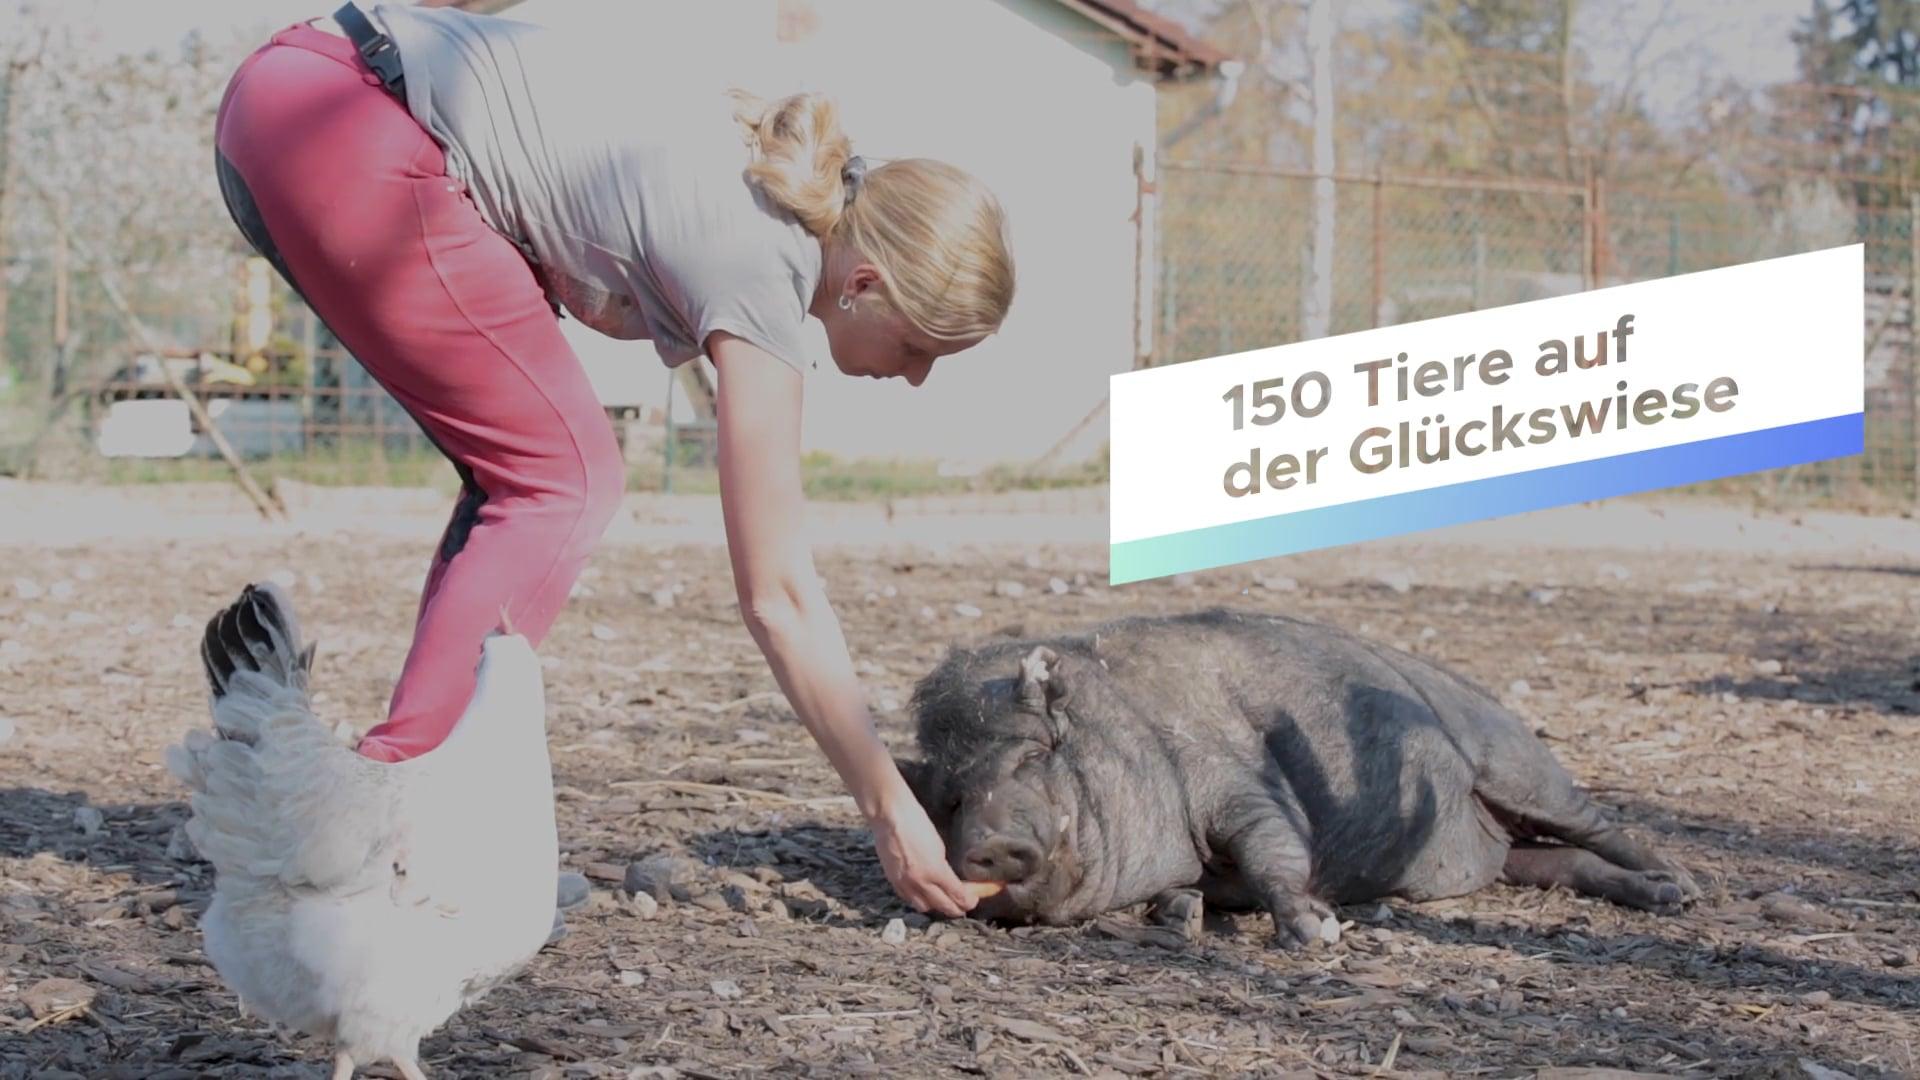 SINDLINGER GLÜCKSWIESE - eine Oase für Tier und Mensch